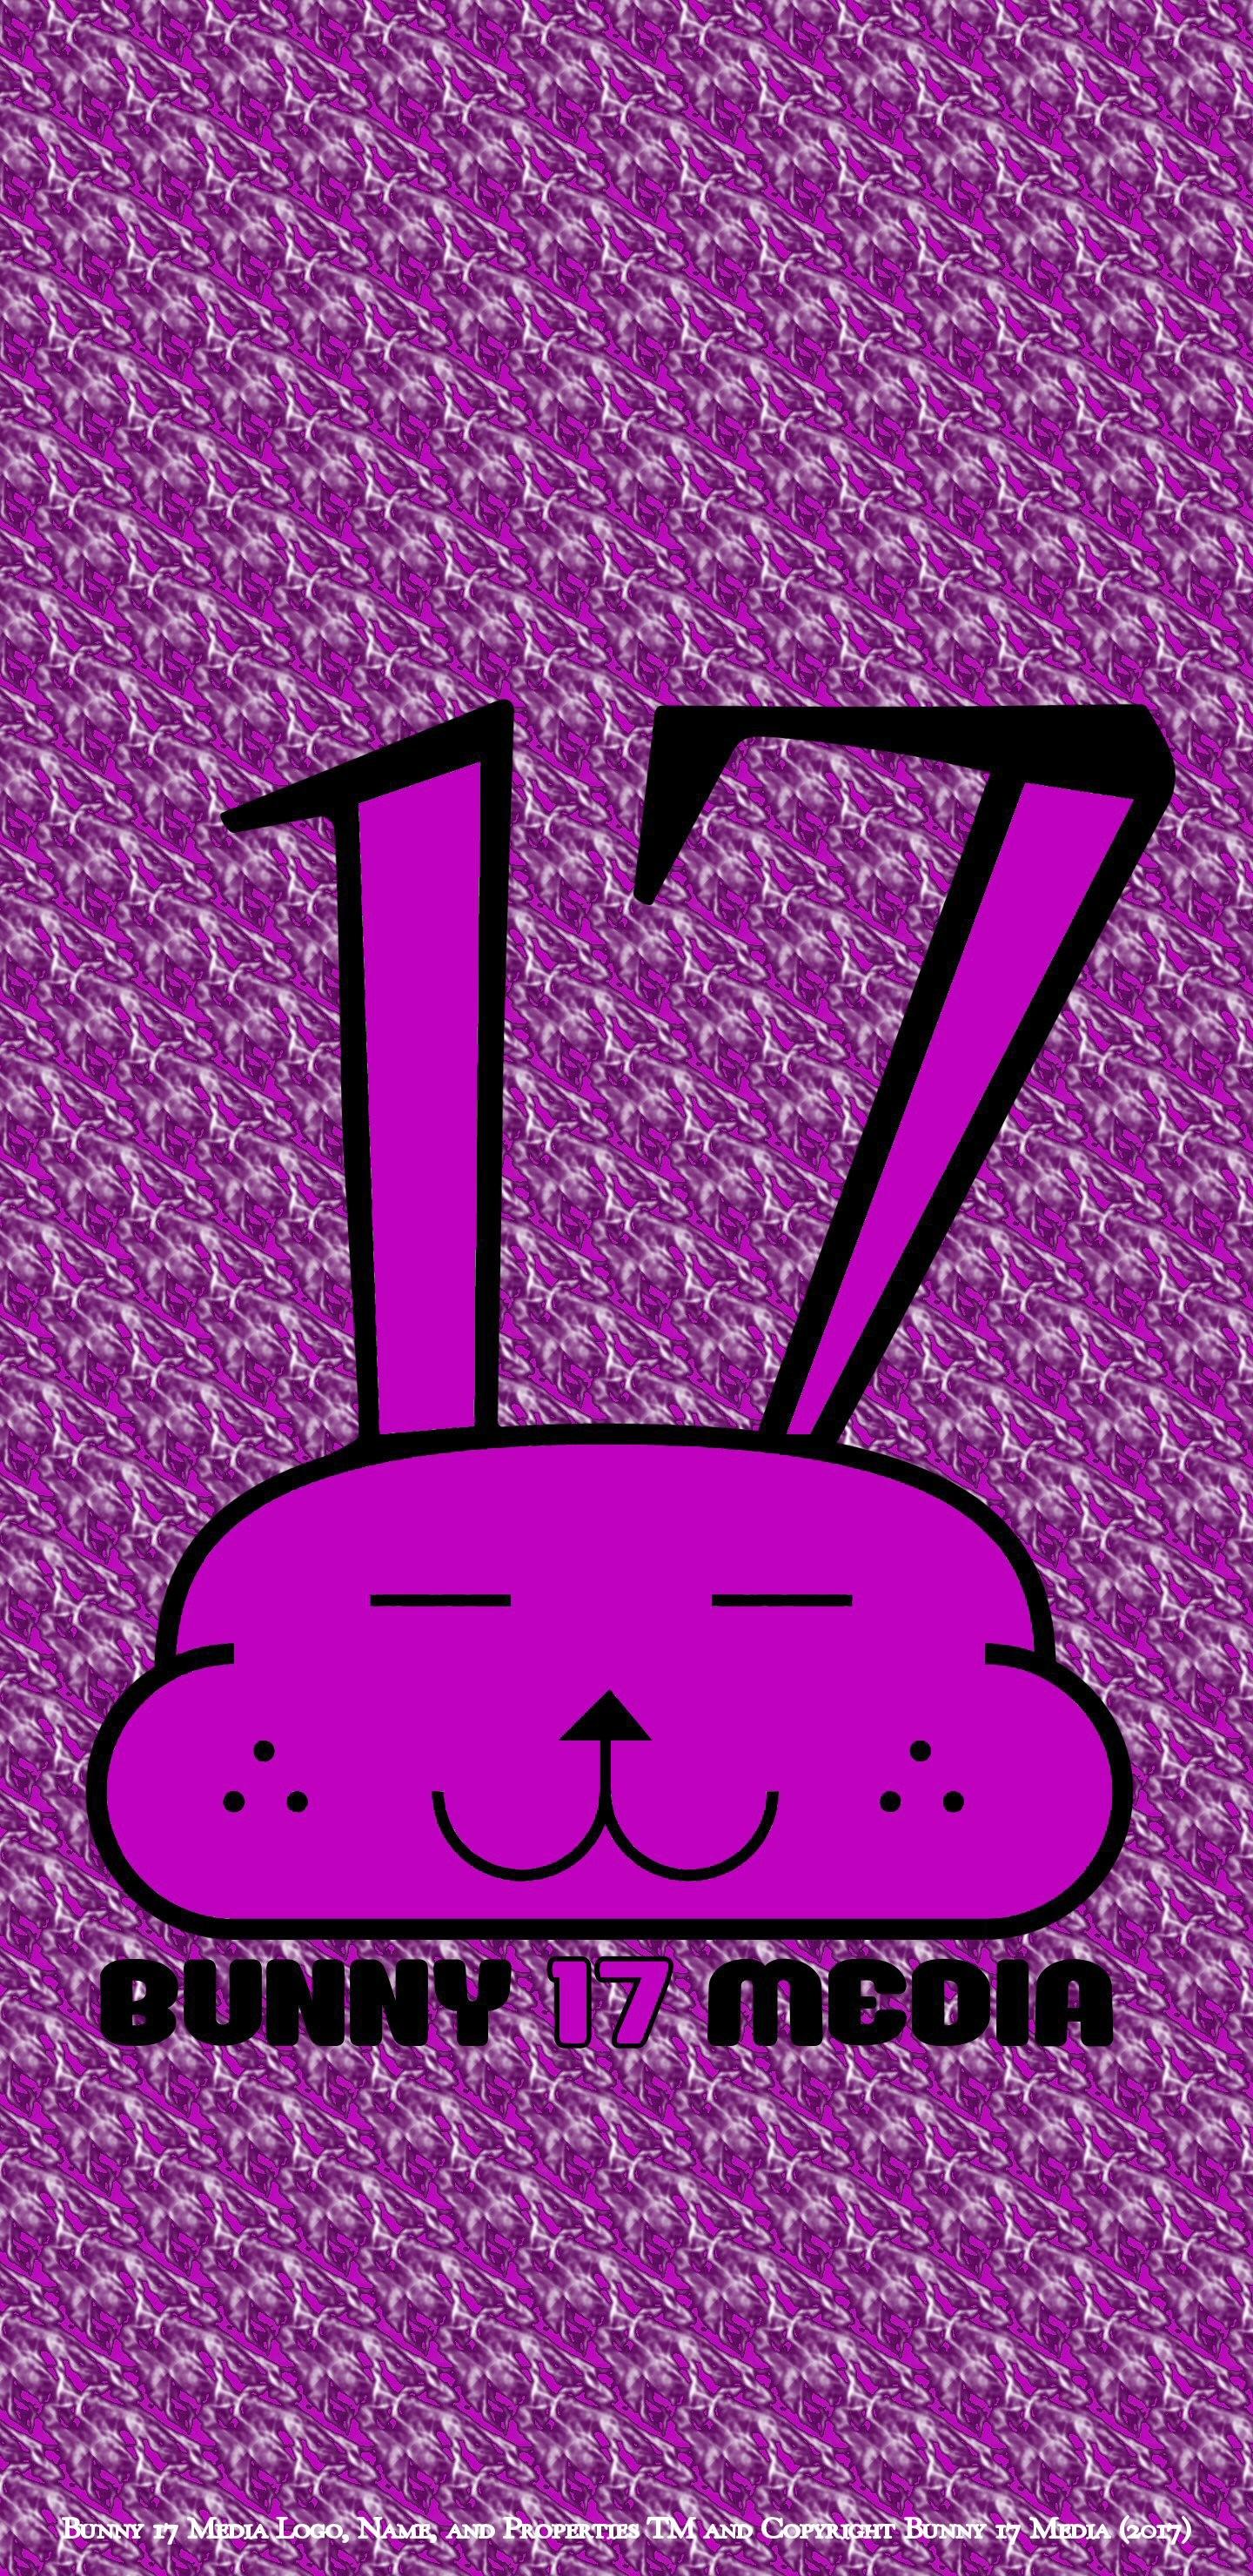 Res: 1440x2960, Bunny 17 Media Logo S8 Wallpaper